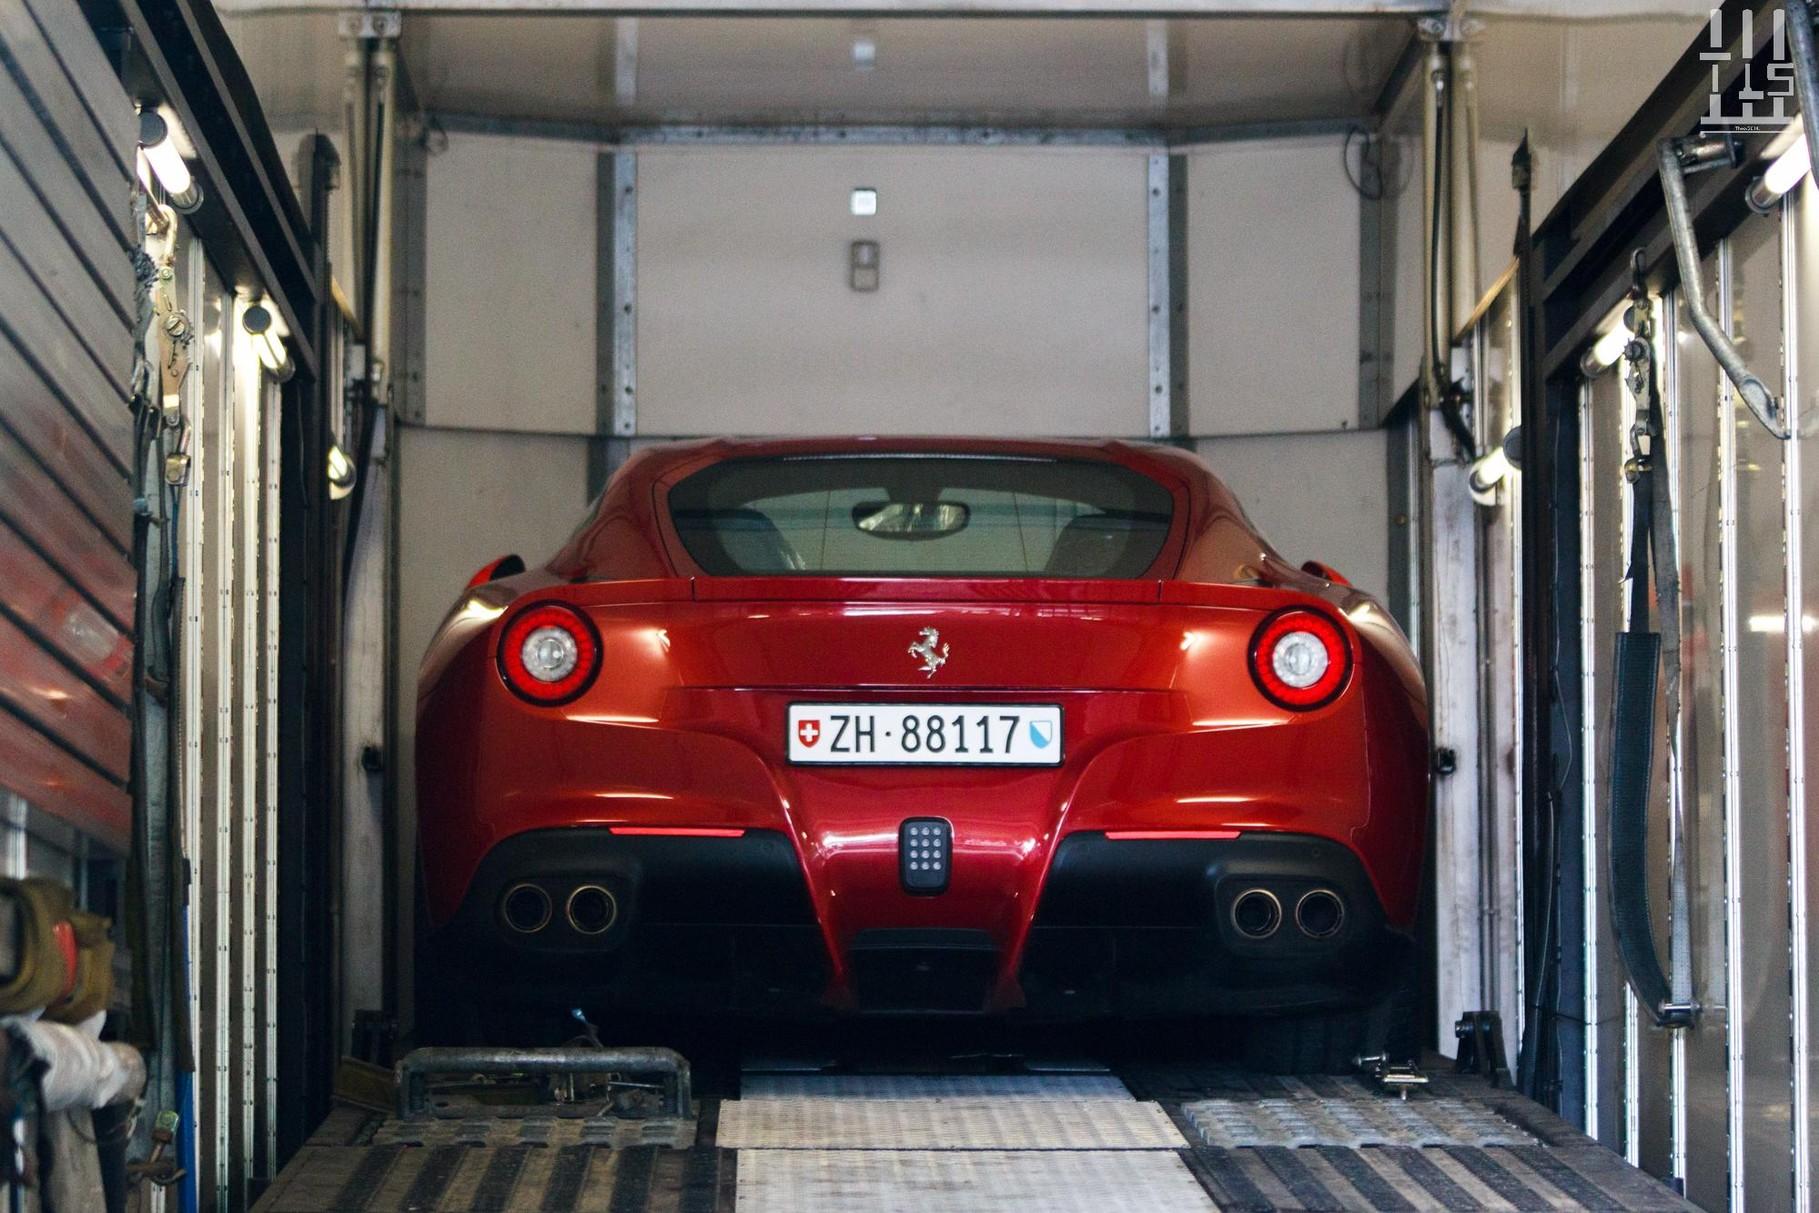 Ferrari F12 Berlinetta.